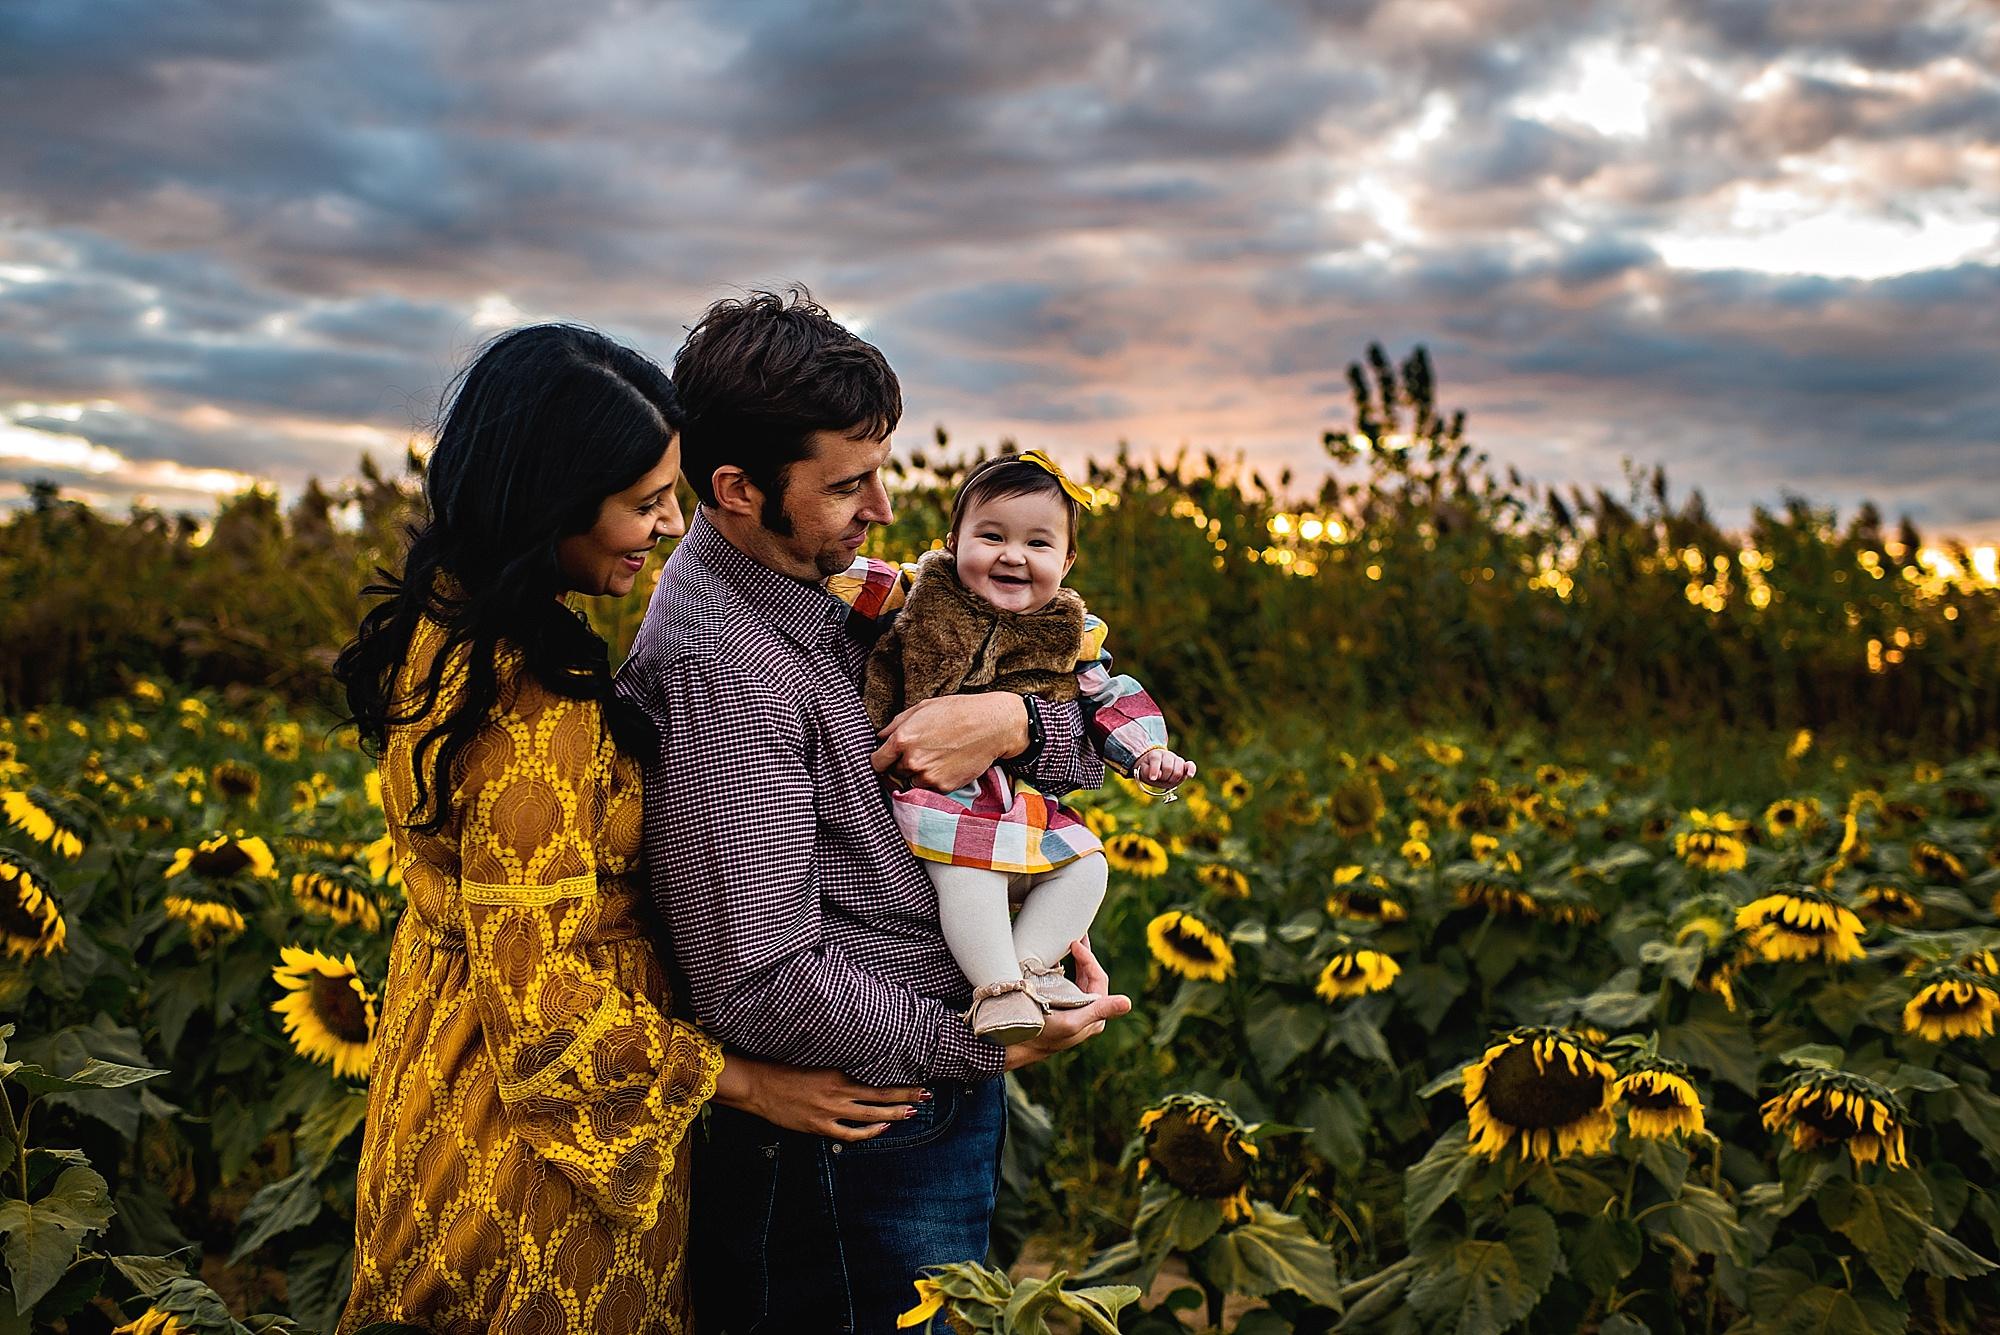 Turner-family-akron-ohio-photographer-lauren-grayson-sunflower-field-session_0008.jpg